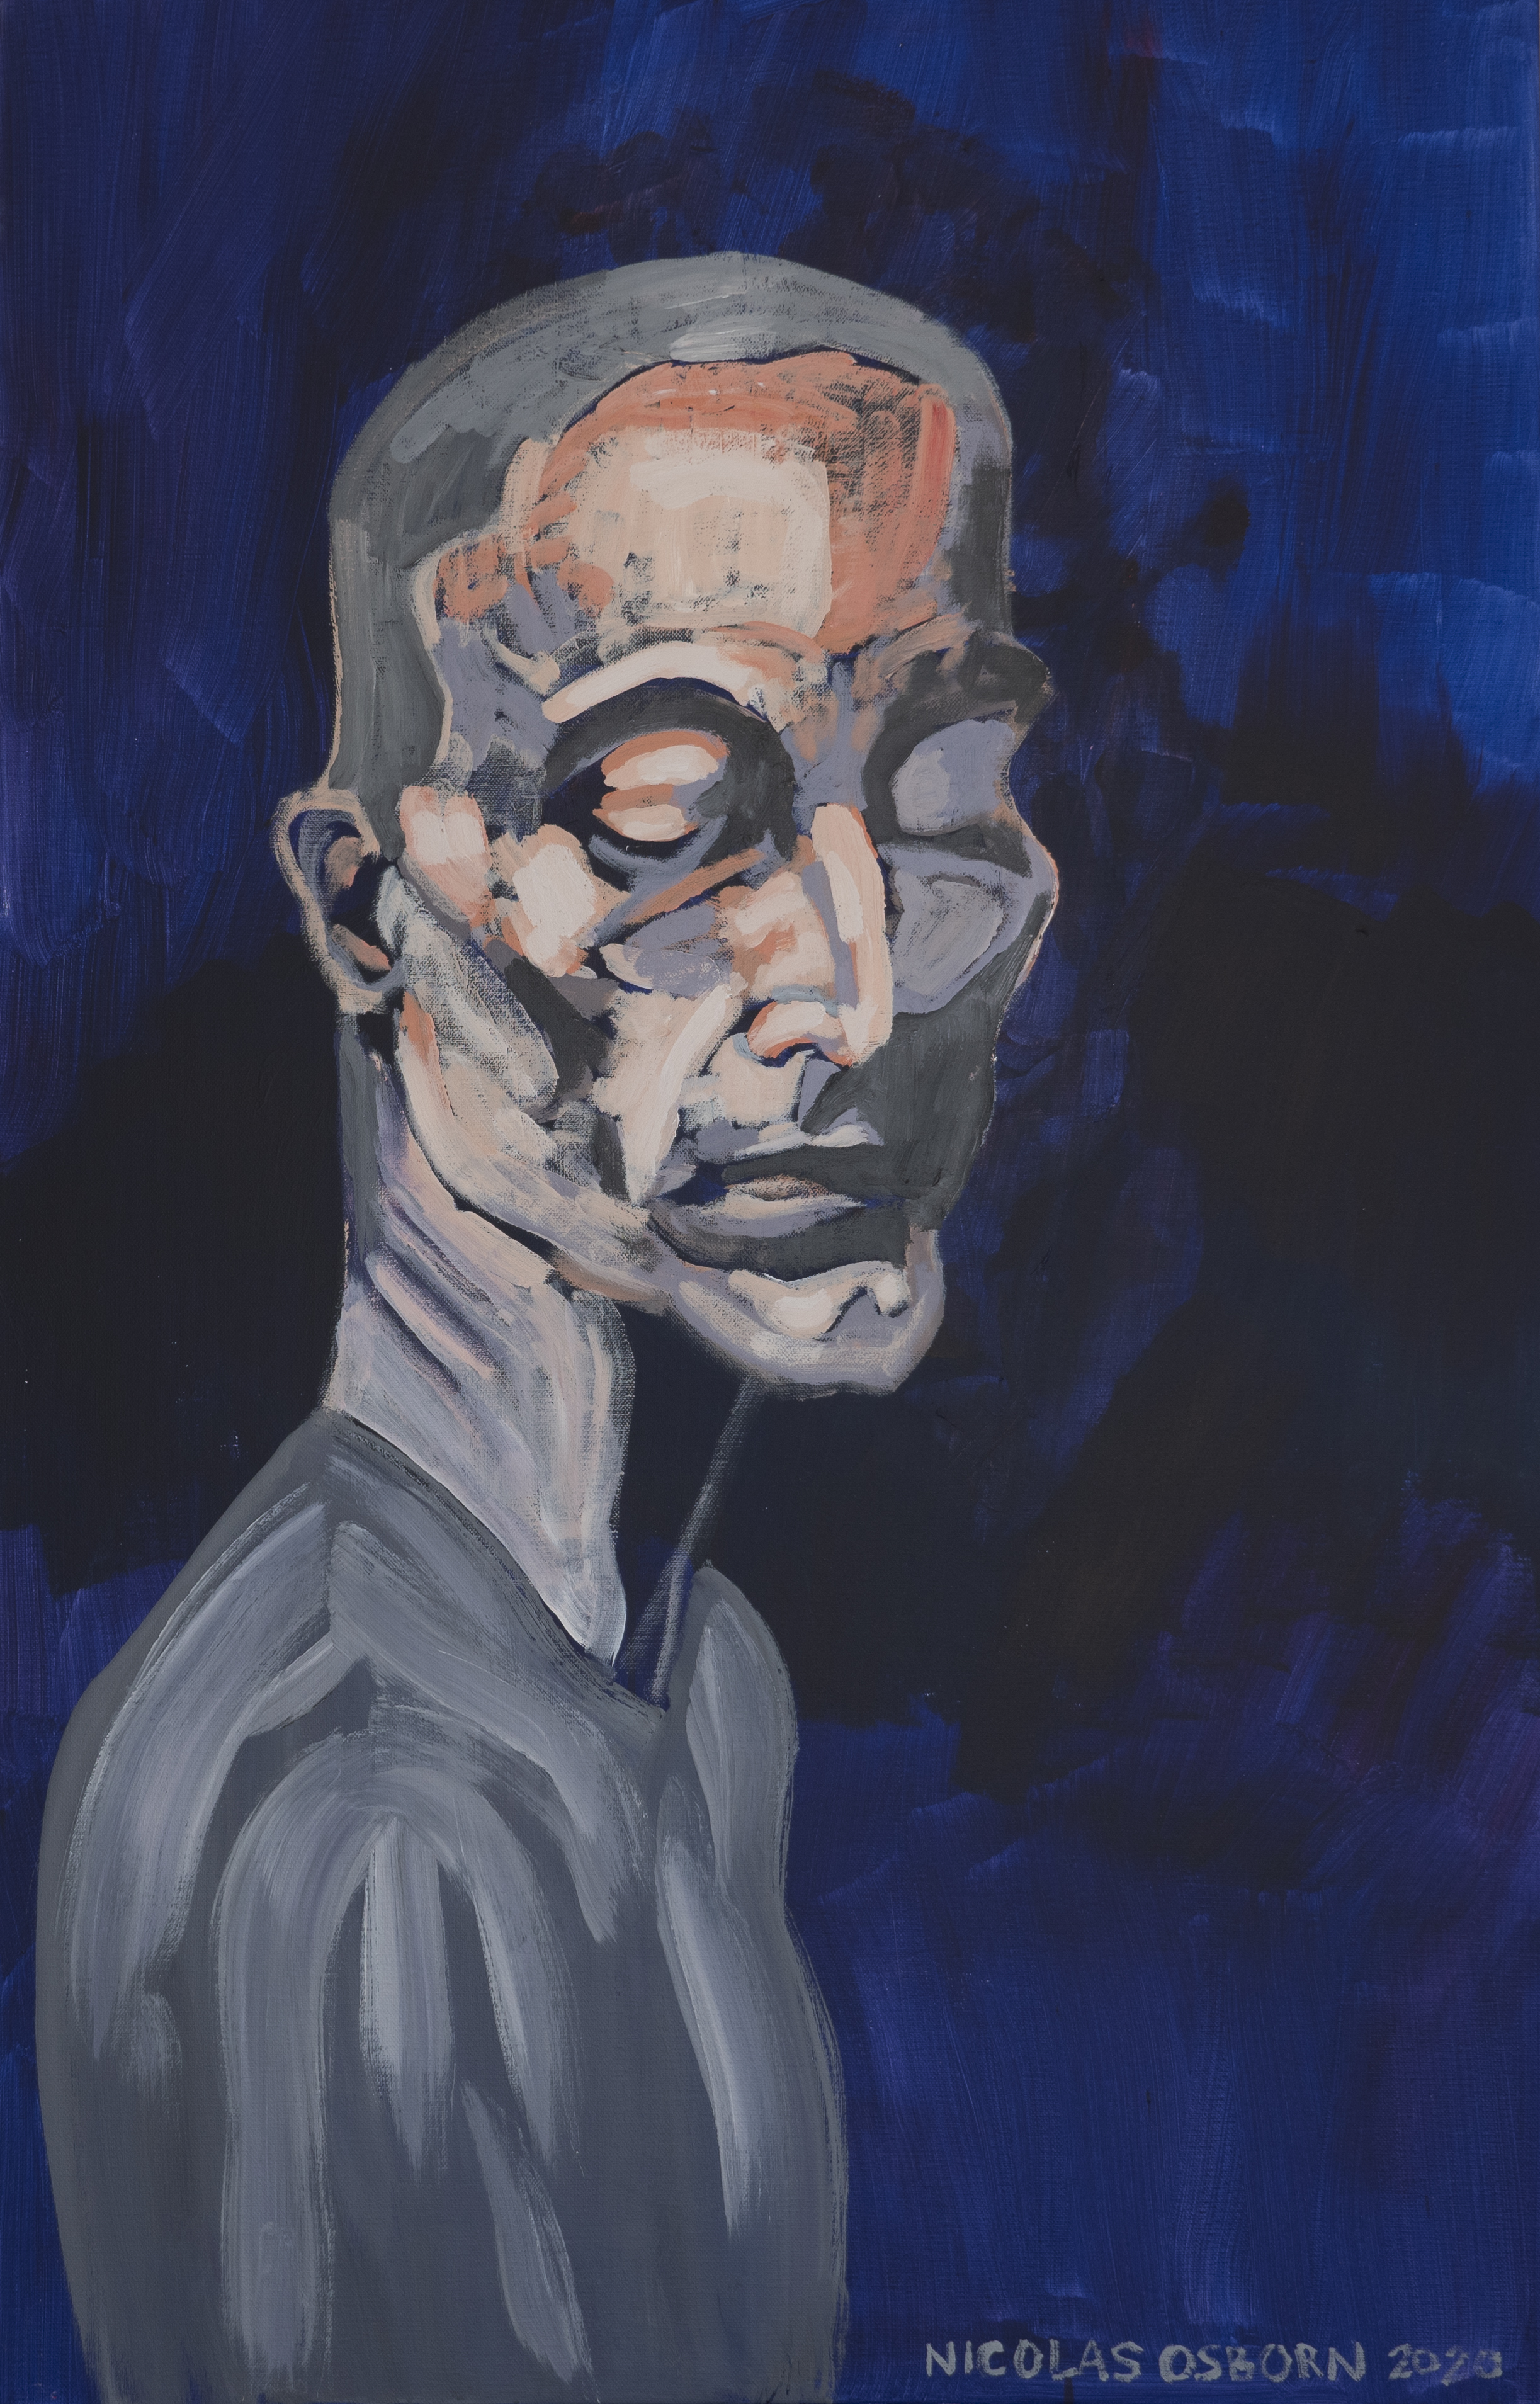 Homme aux Yeux Fermés Painting Nicolas osborn